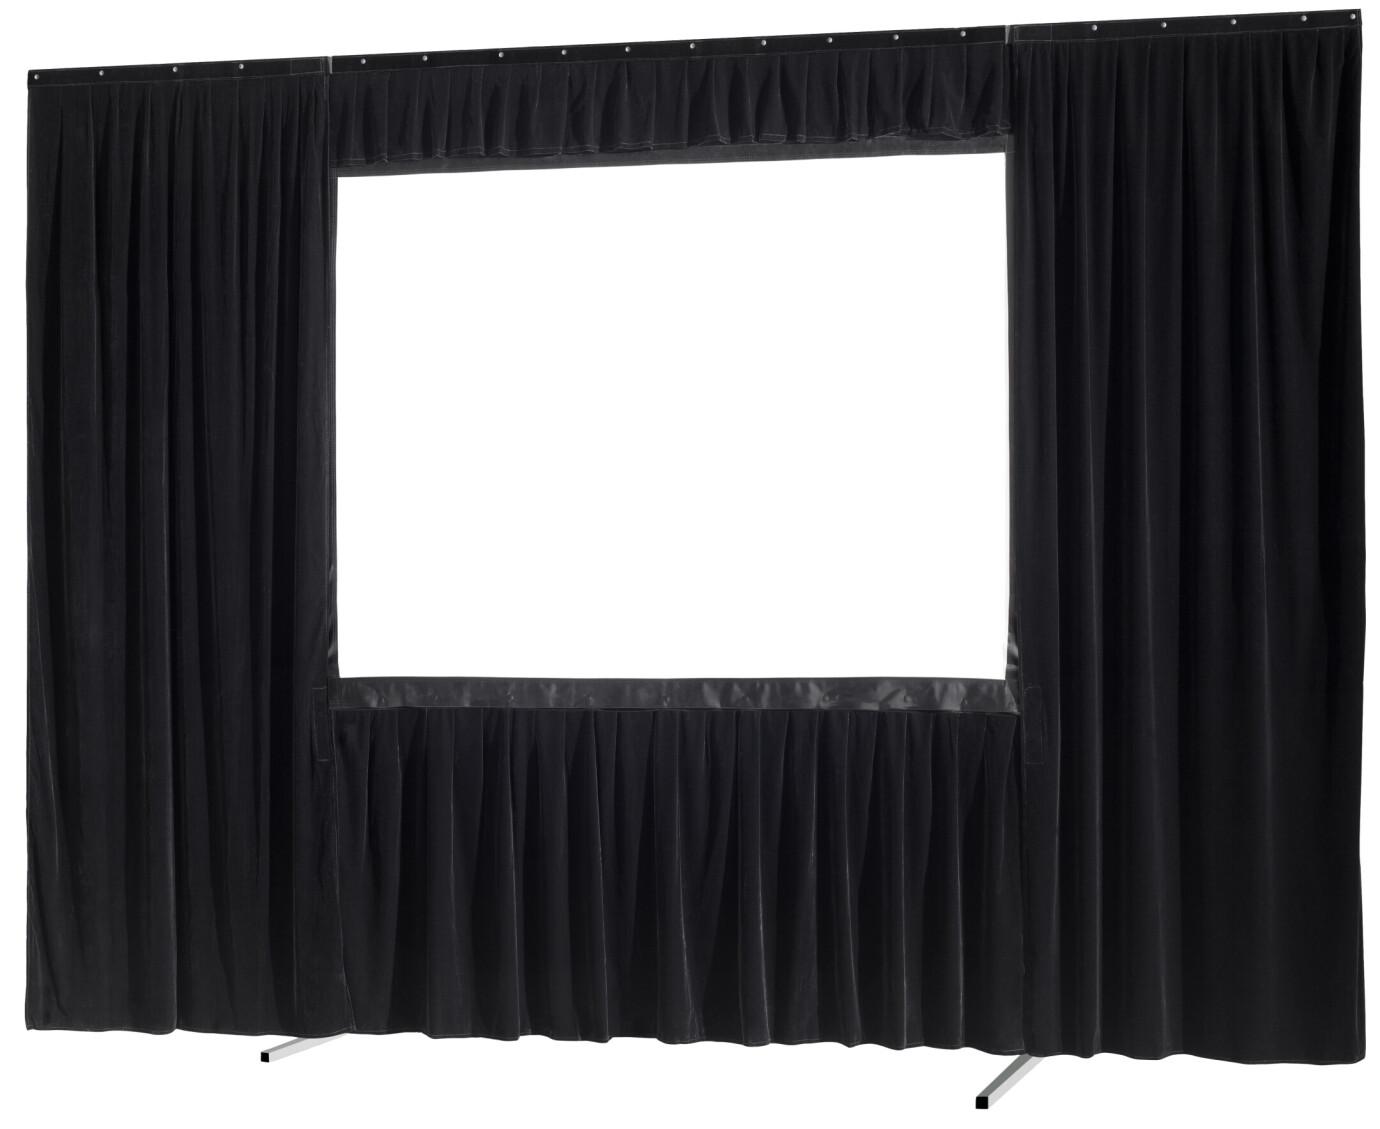 Set tenda 4 lati per schermo pieghevole Mobil Expert 406 x 254 cm